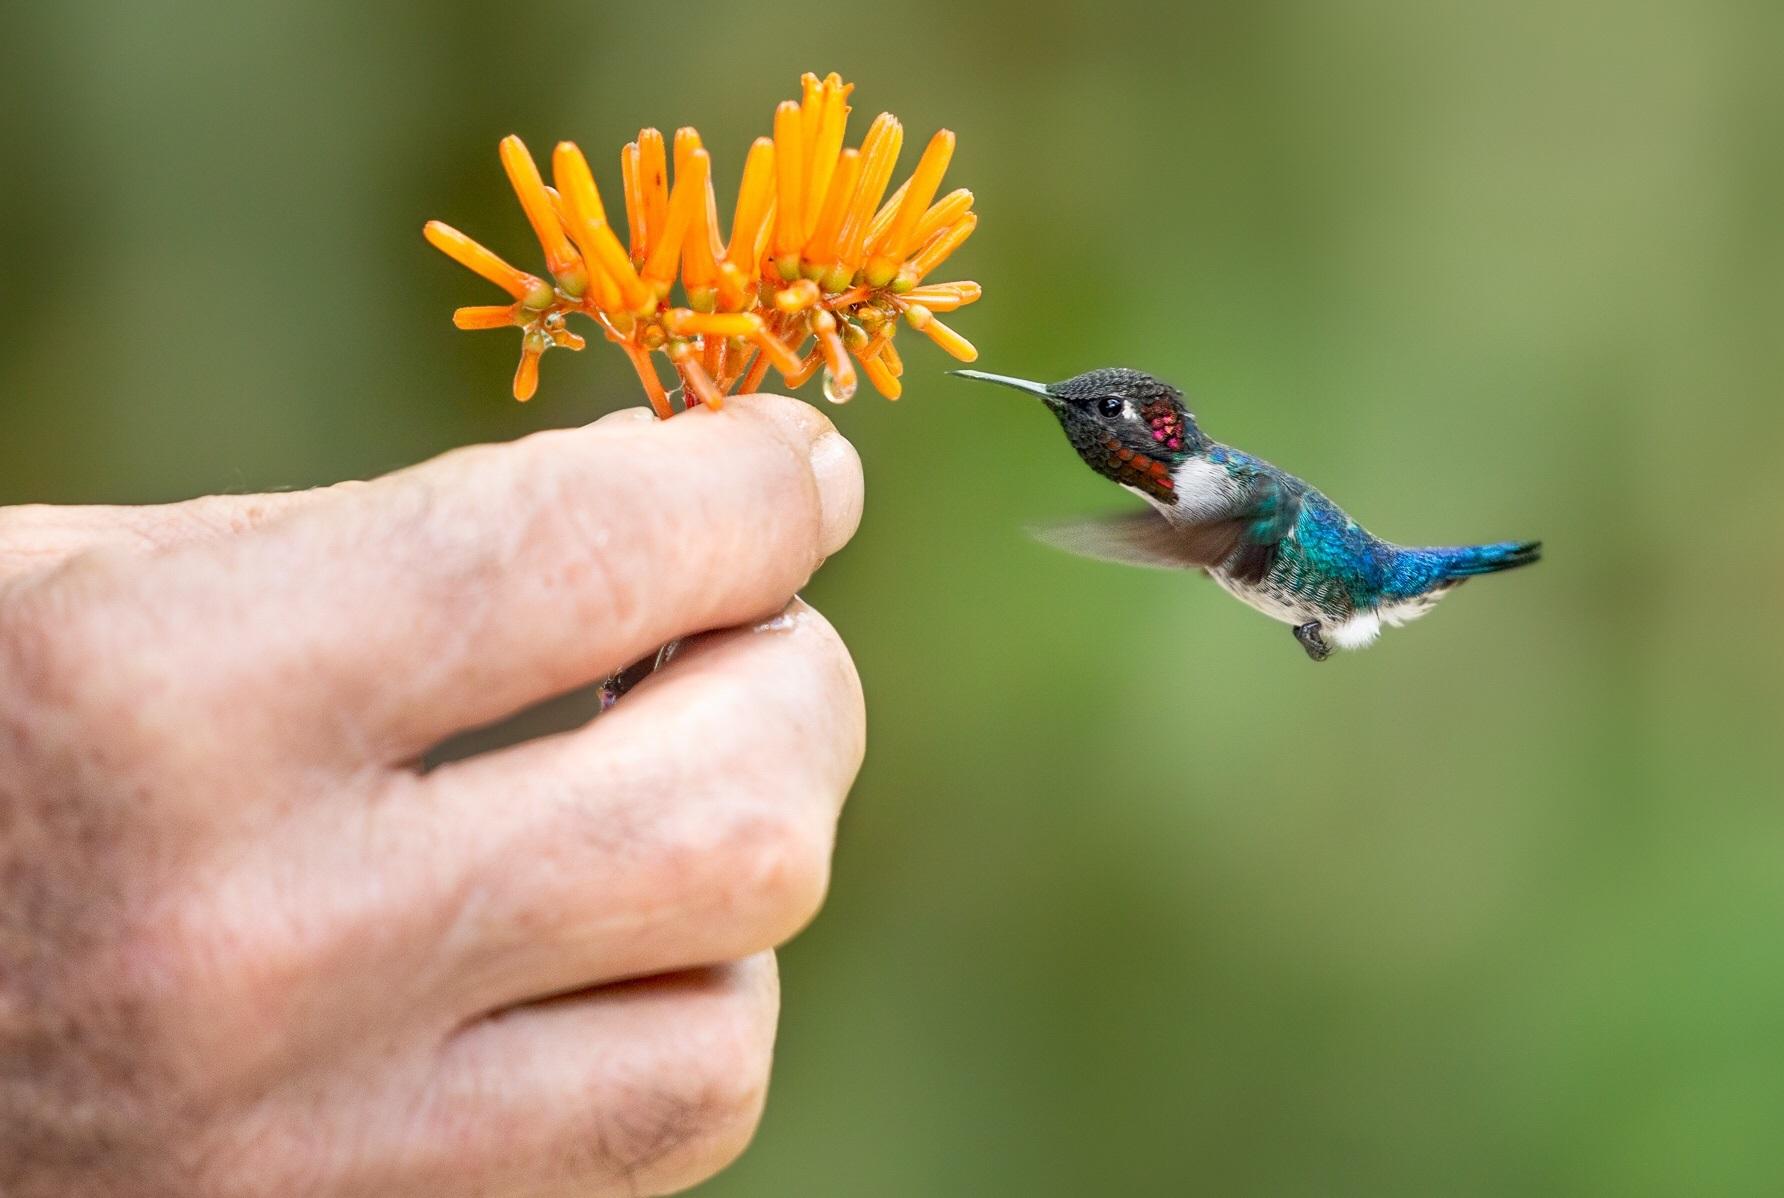 пчелиный колибри картинки вам